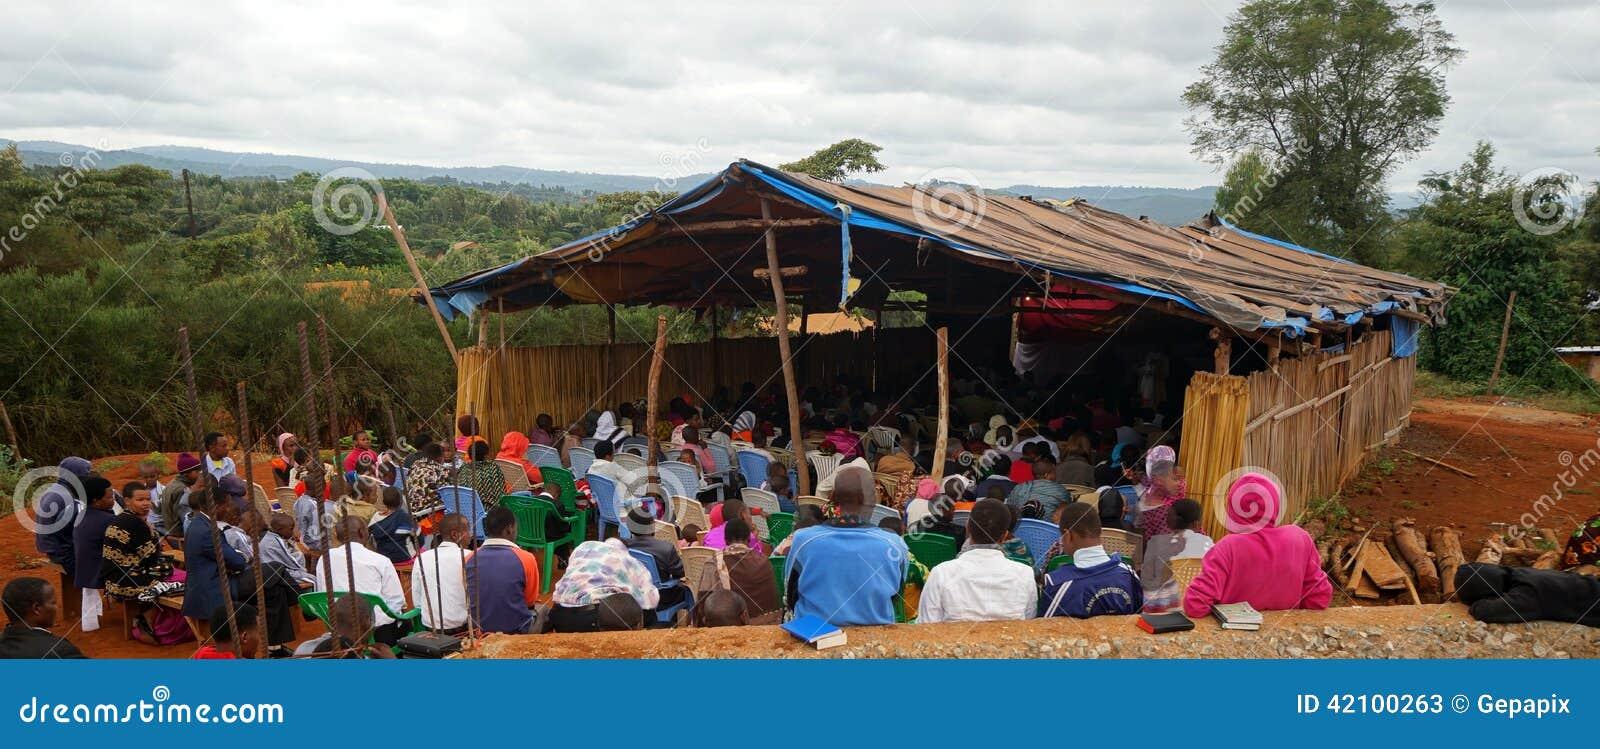 Iglesia protestante en Tanzania